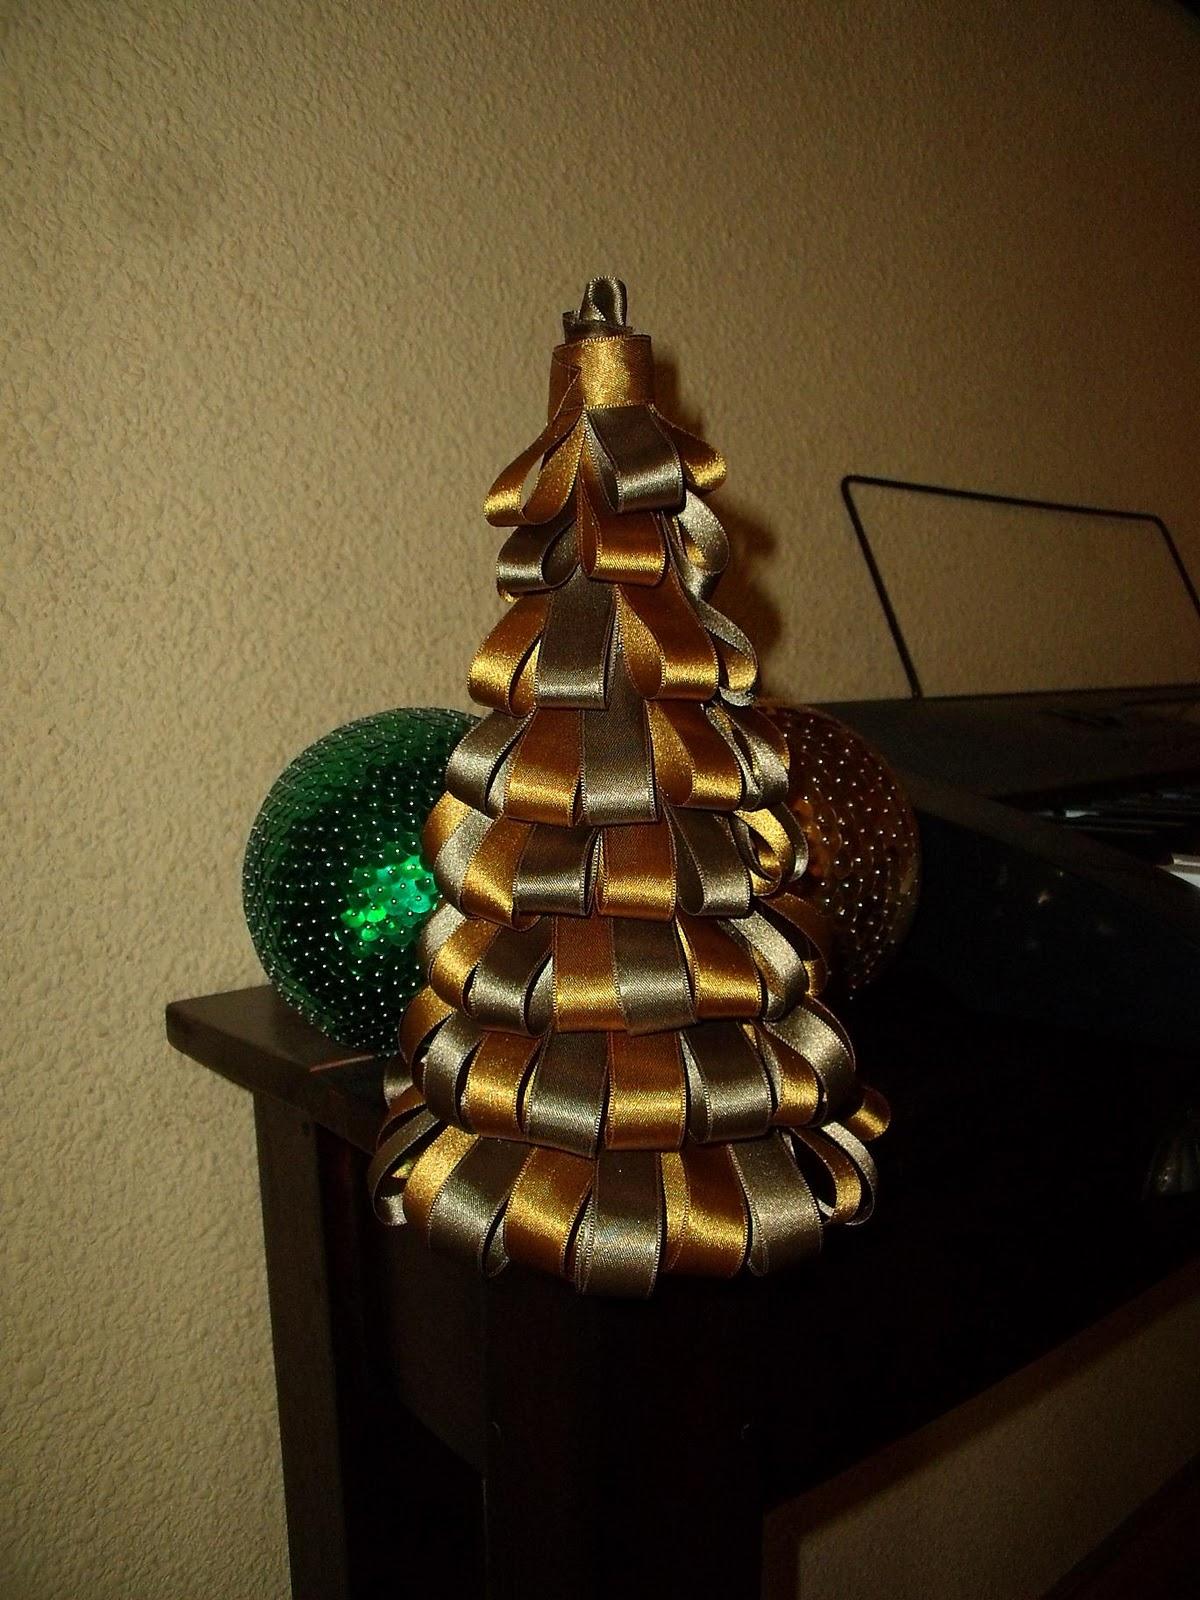 Manualizando arbolito de navidad con lazos - Lazos para arbol de navidad ...